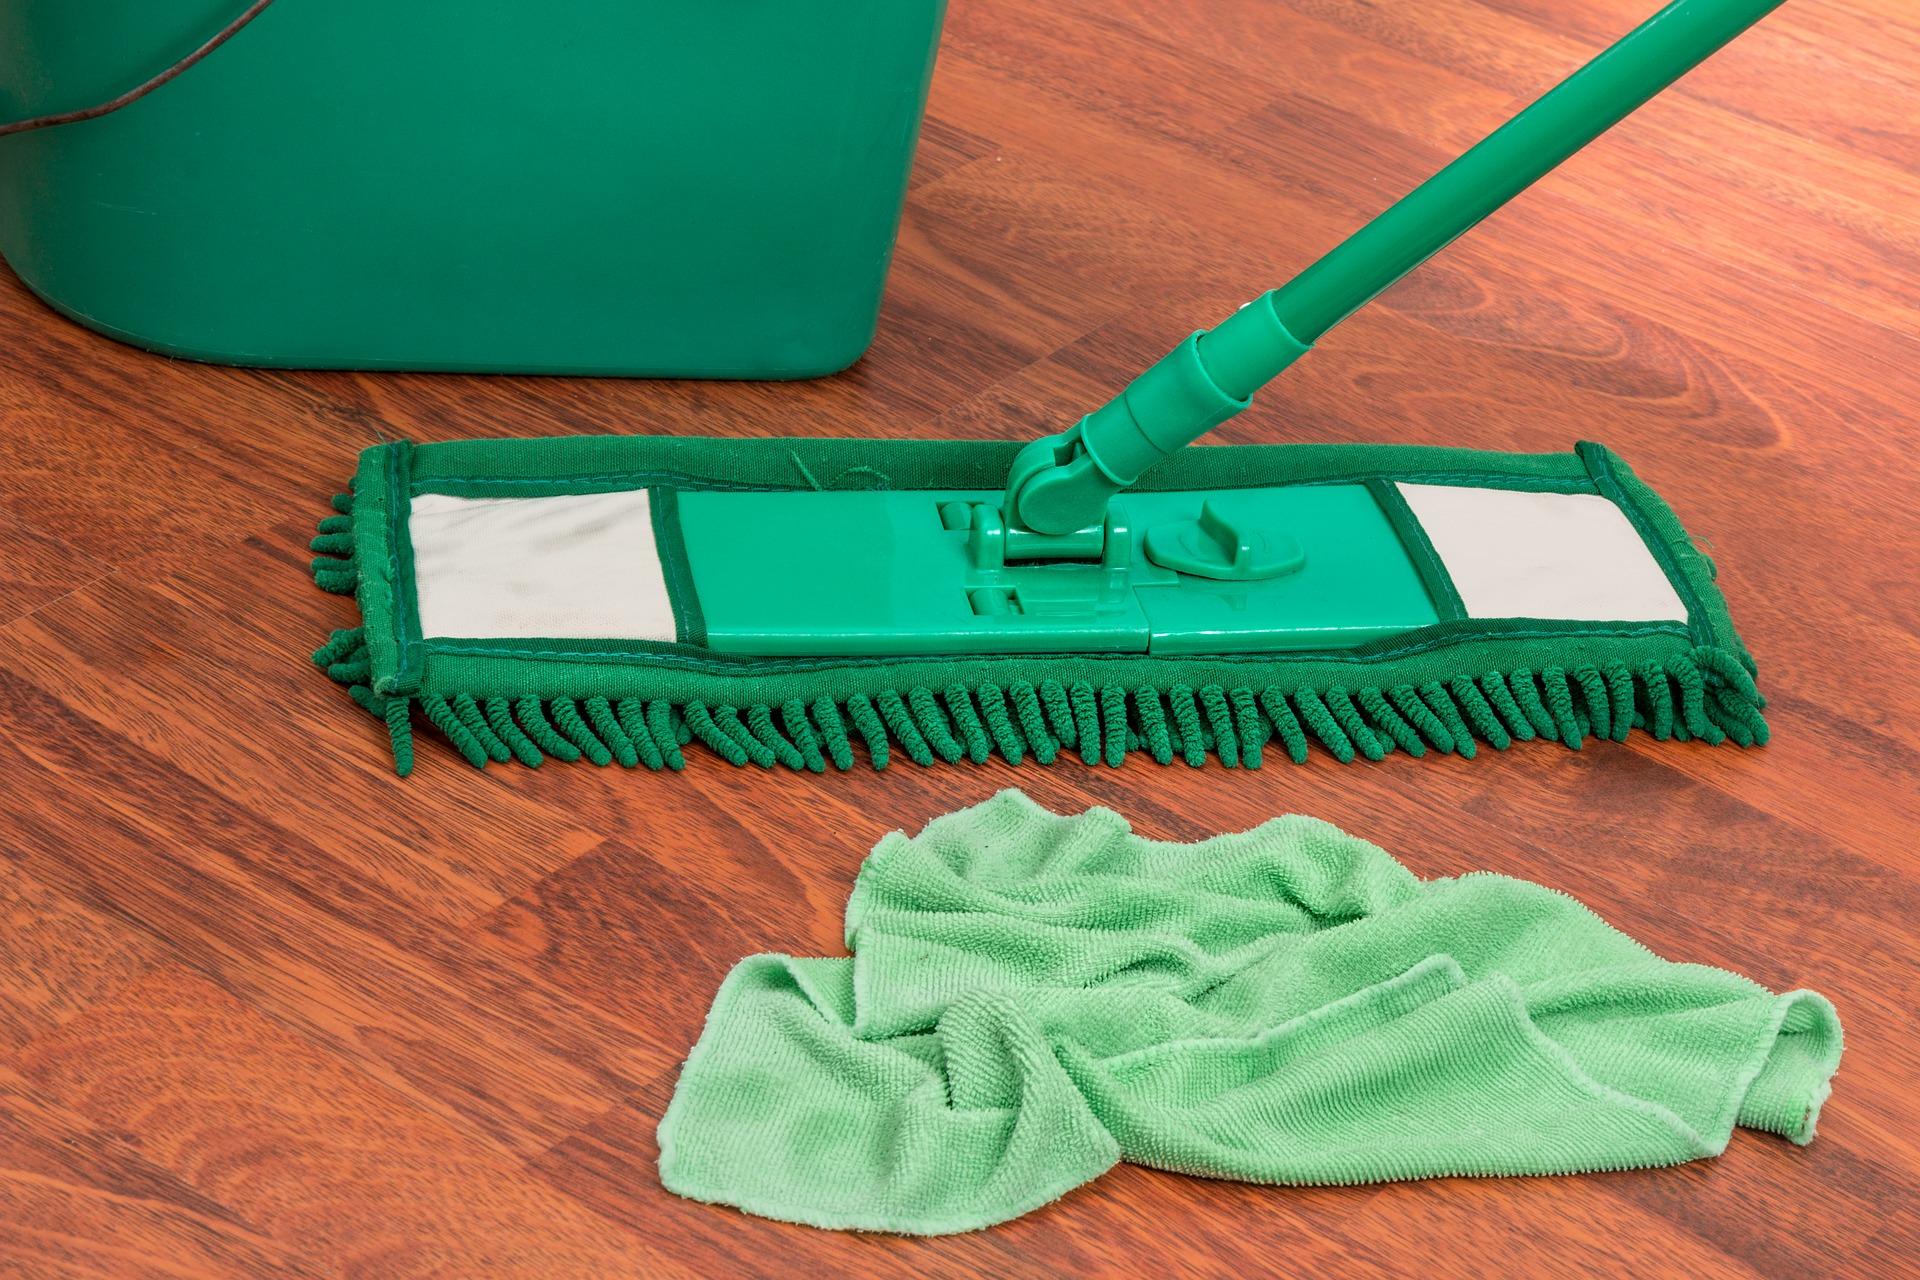 Come si pulisce il gres porcellanato per conservarlo nel tempo? I consigli per un pavimento in gres duraturo